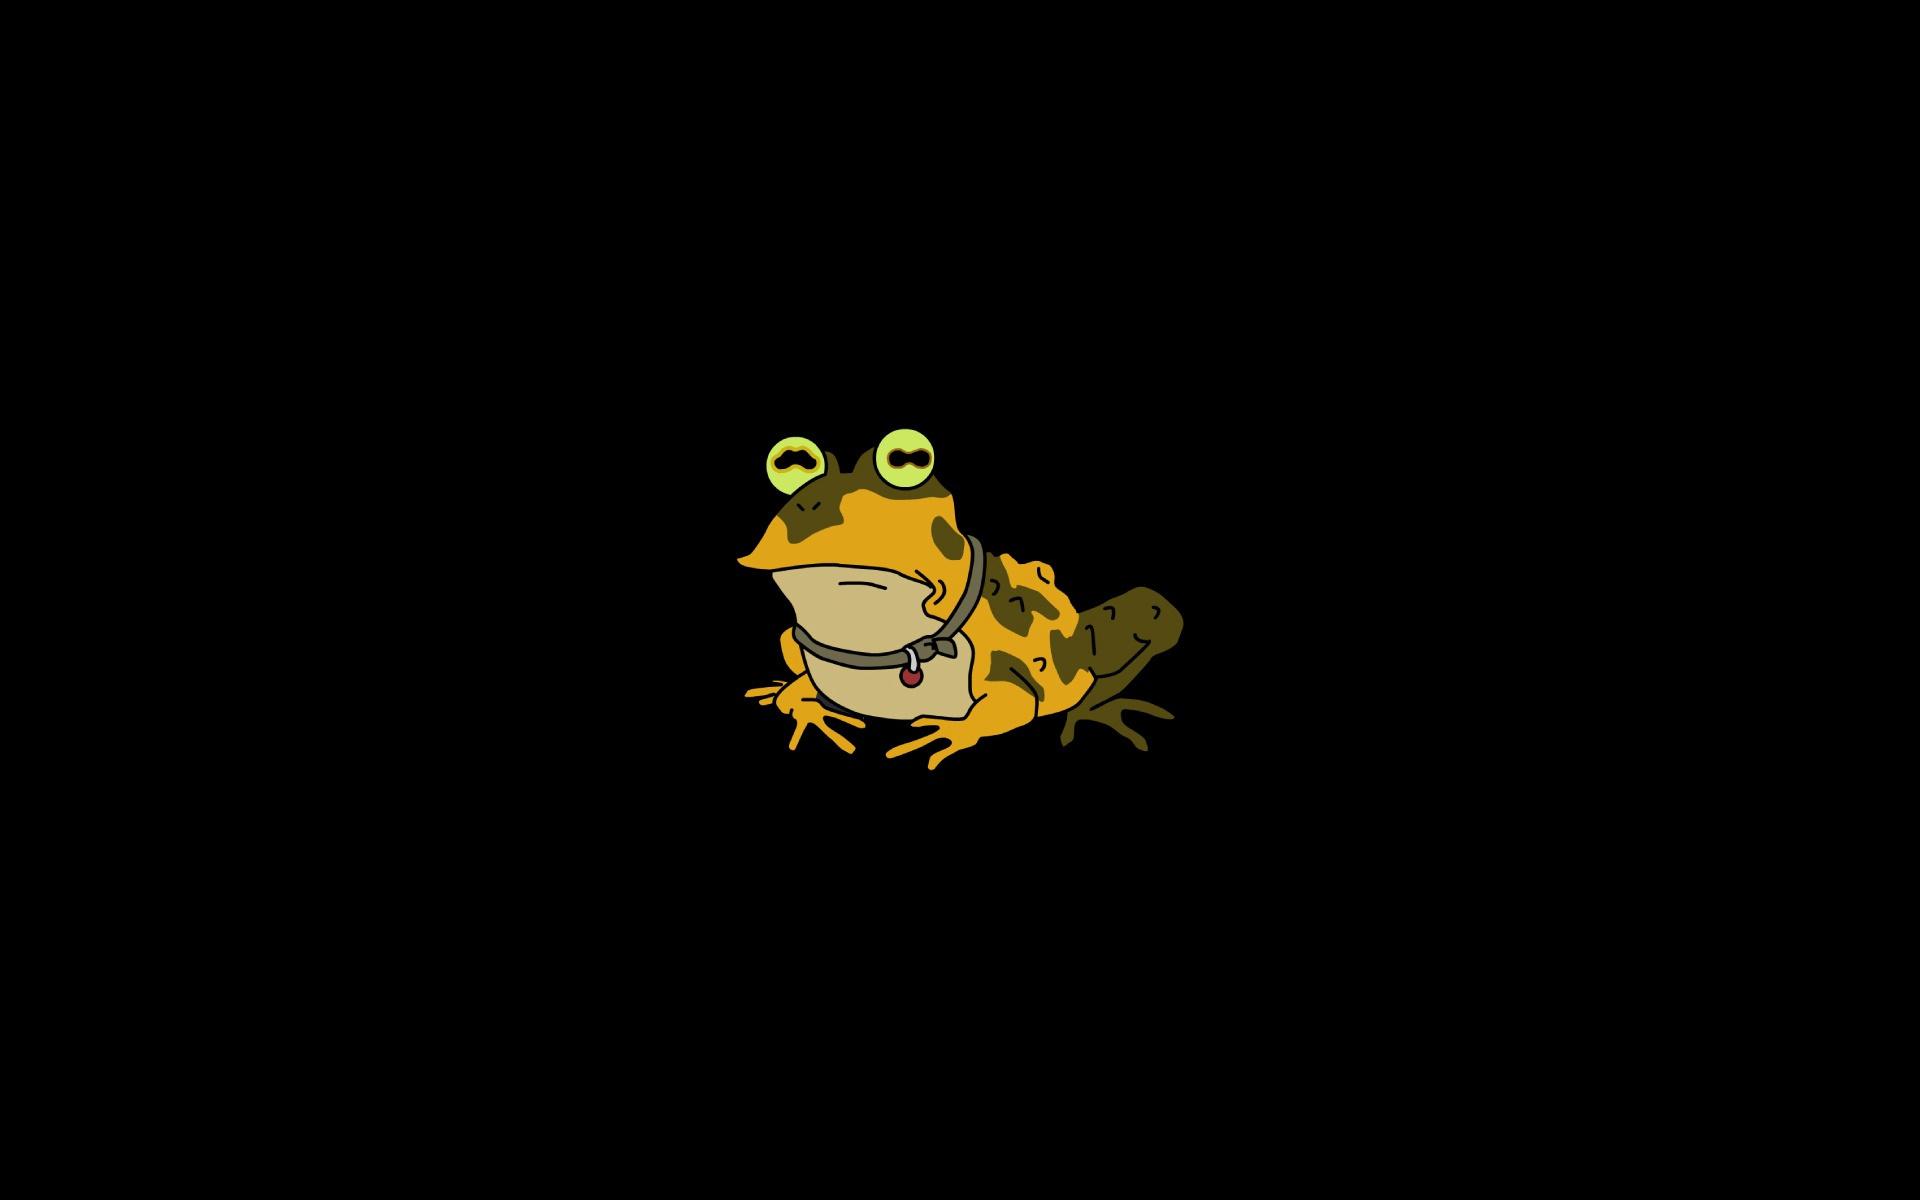 рисунок, лягушка, глаза